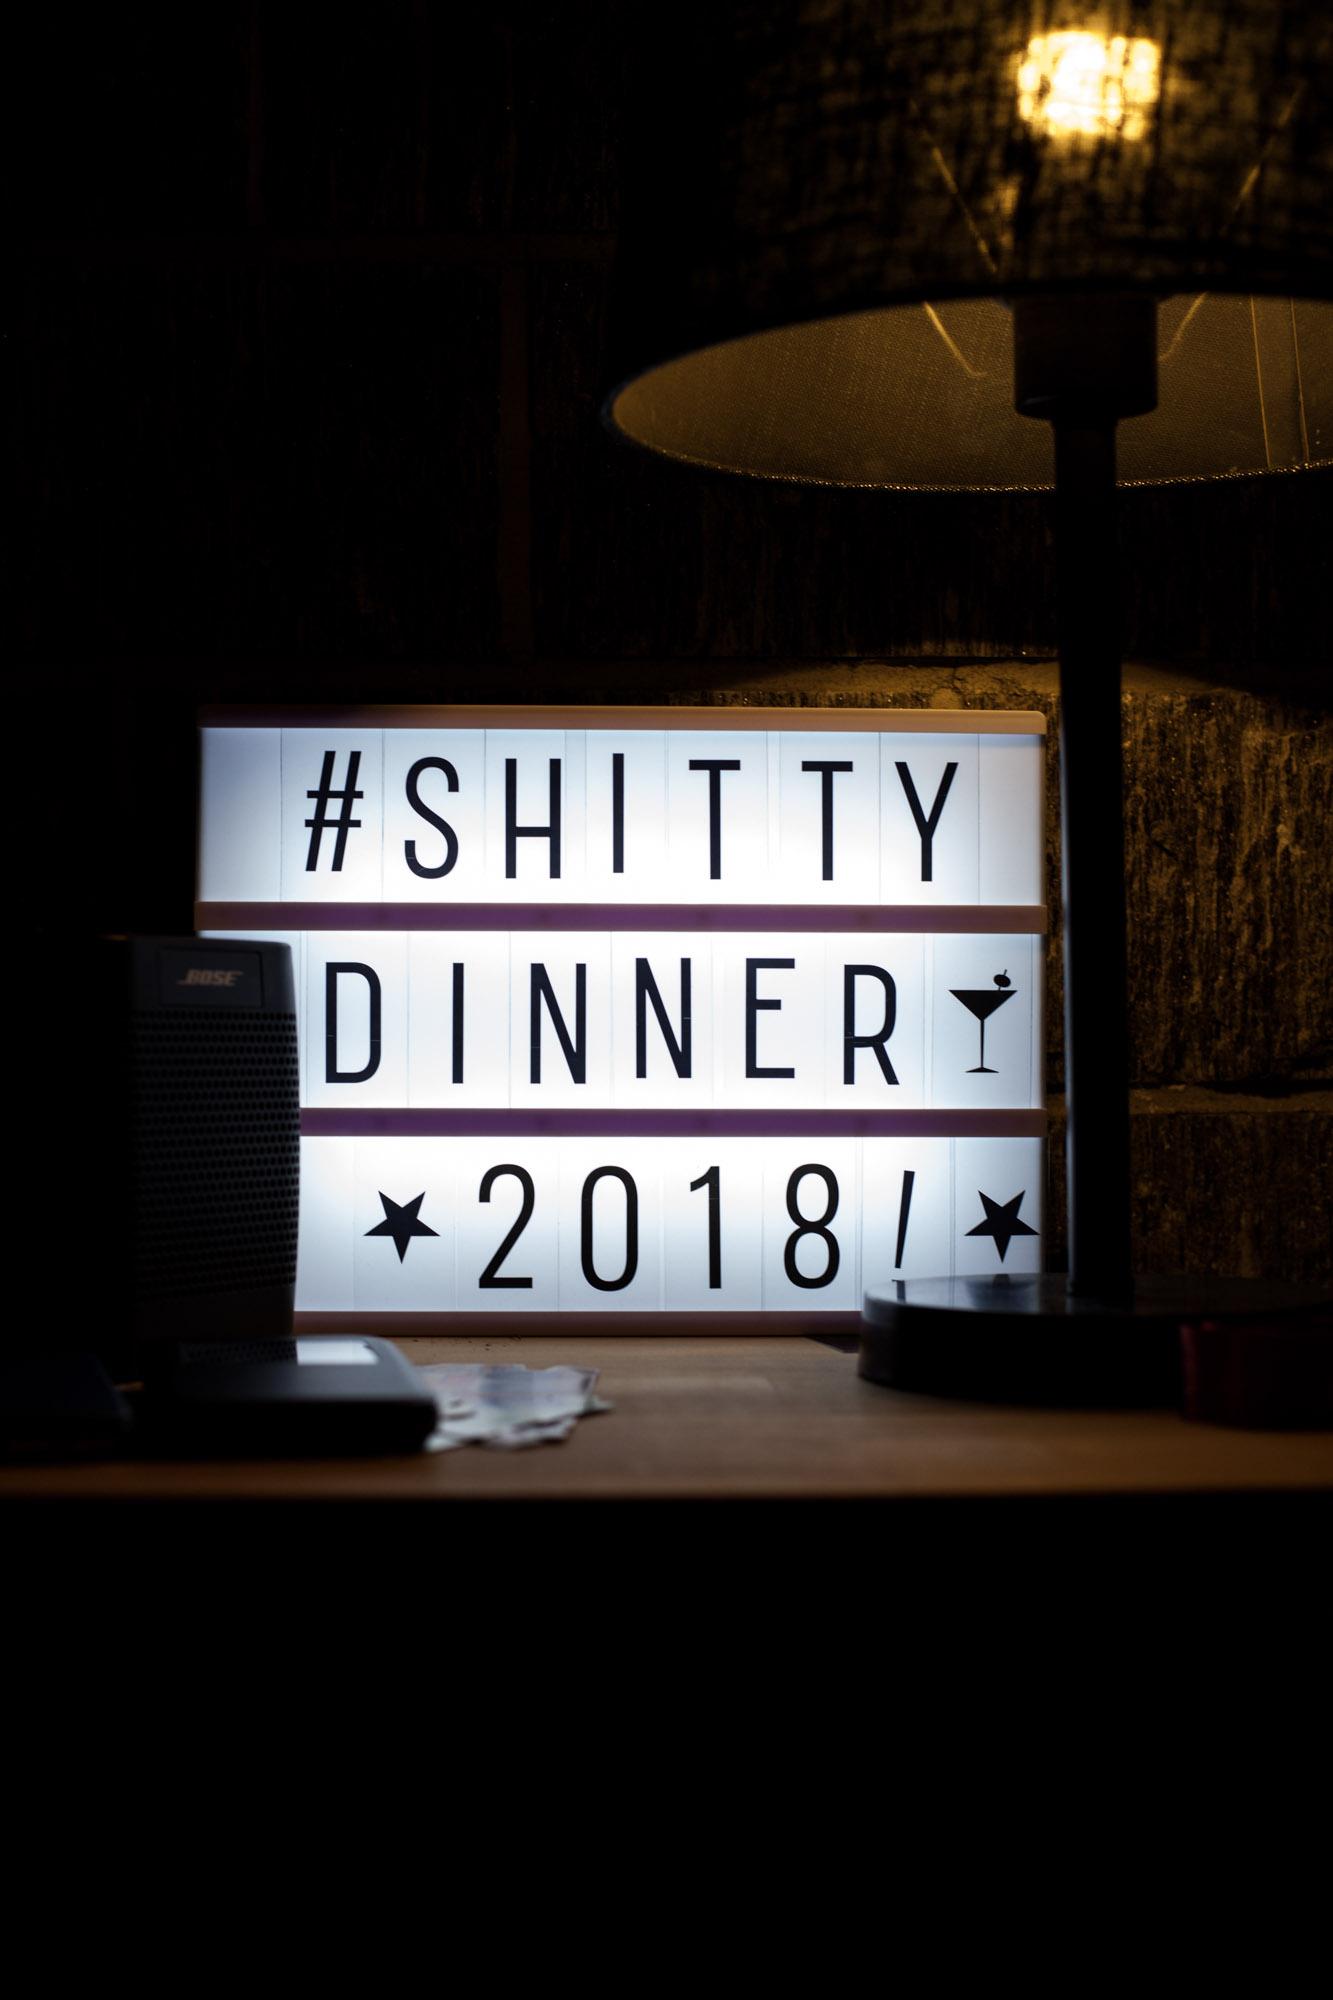 shitty dinner